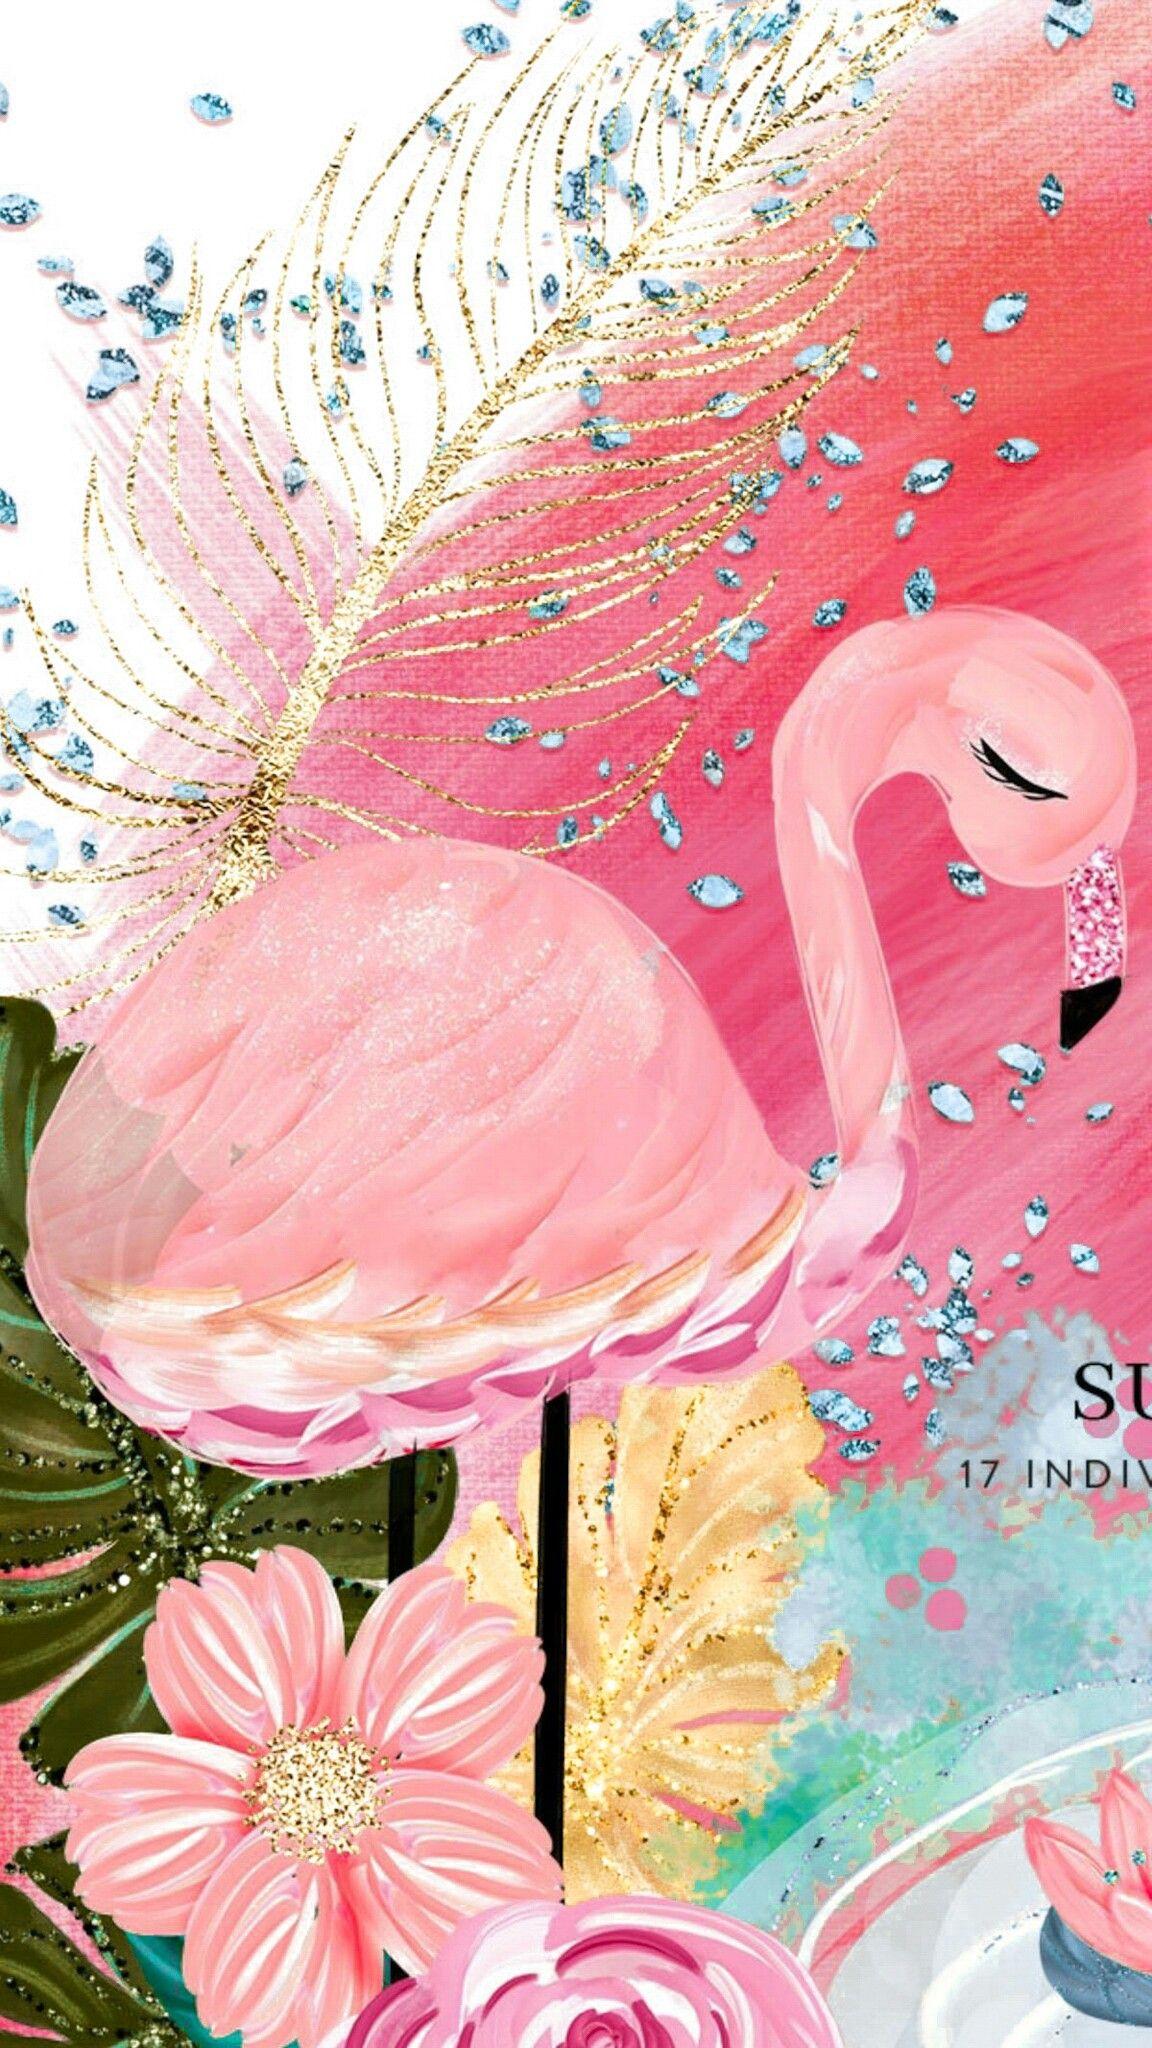 Pin By Nayara Vieira On Flamingo Iphone Wallpaper Flamingo Wallpaper Flower Wallpaper Lock screen iphone 7 flamingo wallpaper